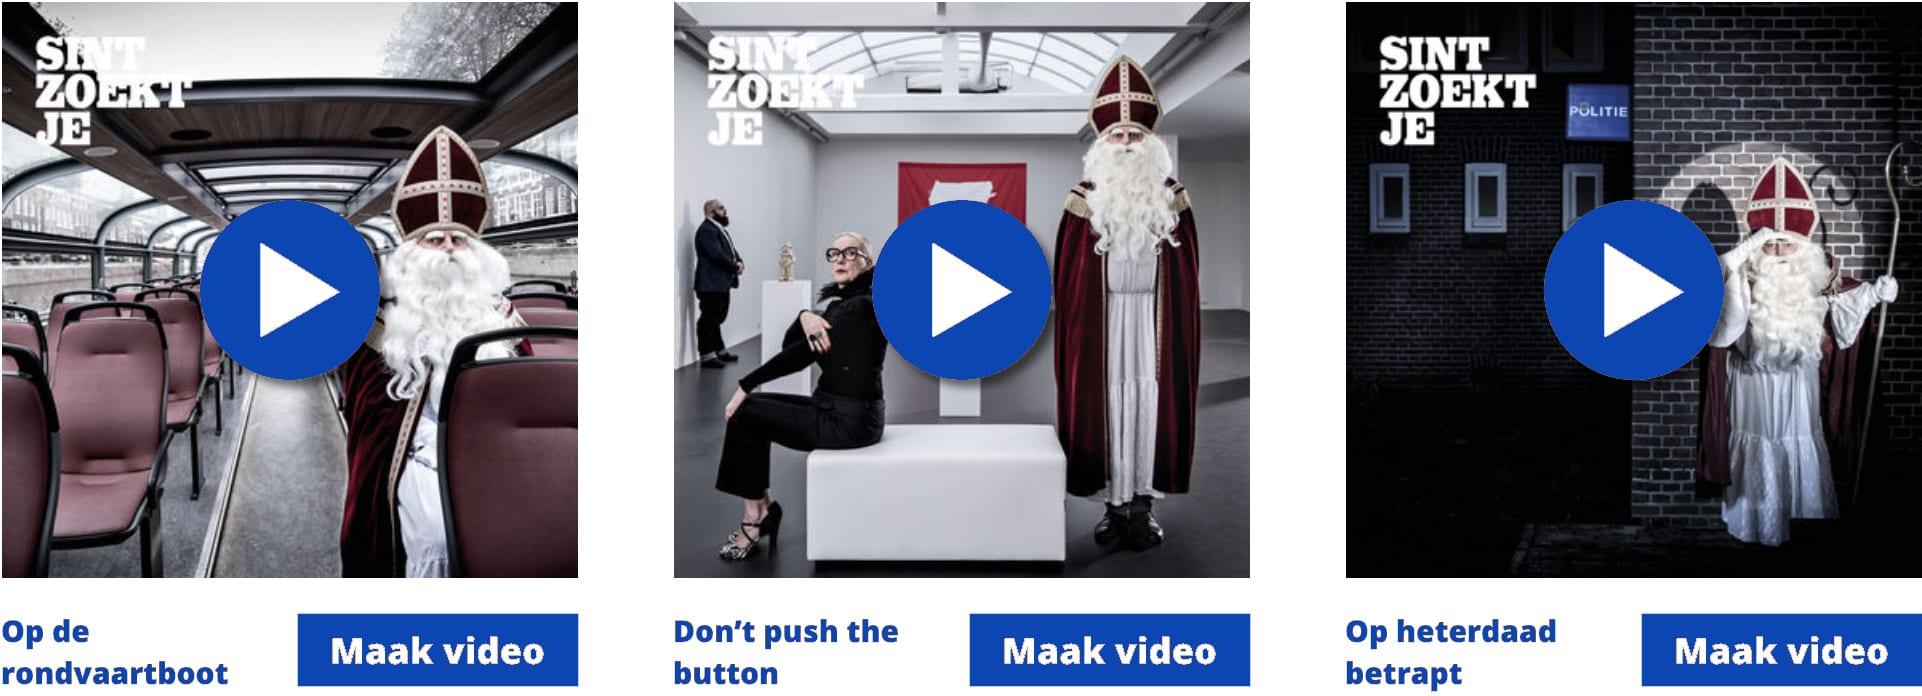 Decemberstress? Geven maakt gelukkig - Sanquin word bloeddonor - de sint zoekt je - sinthierbenik.nl